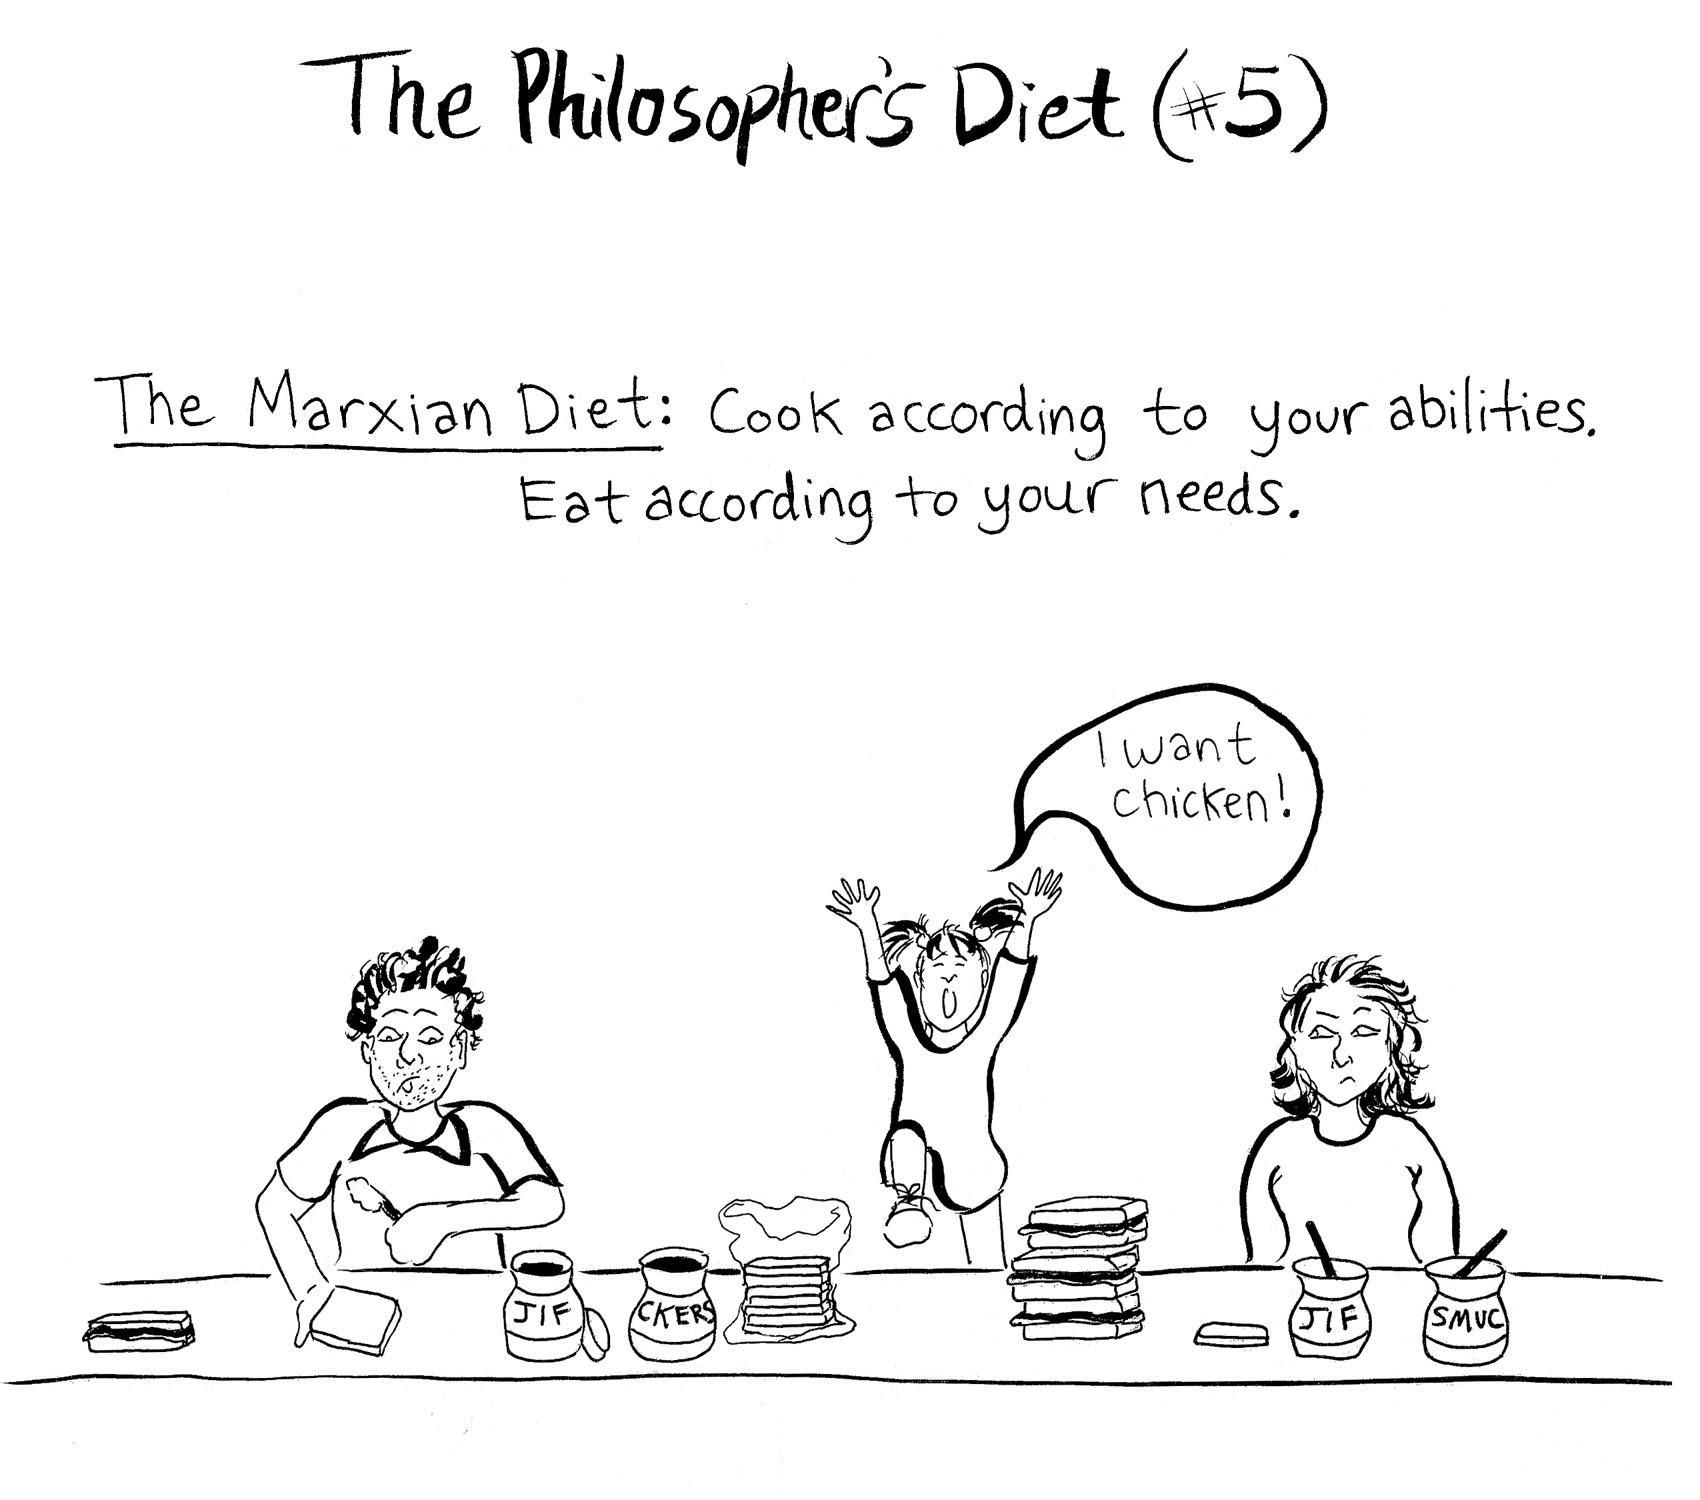 Marxian diet